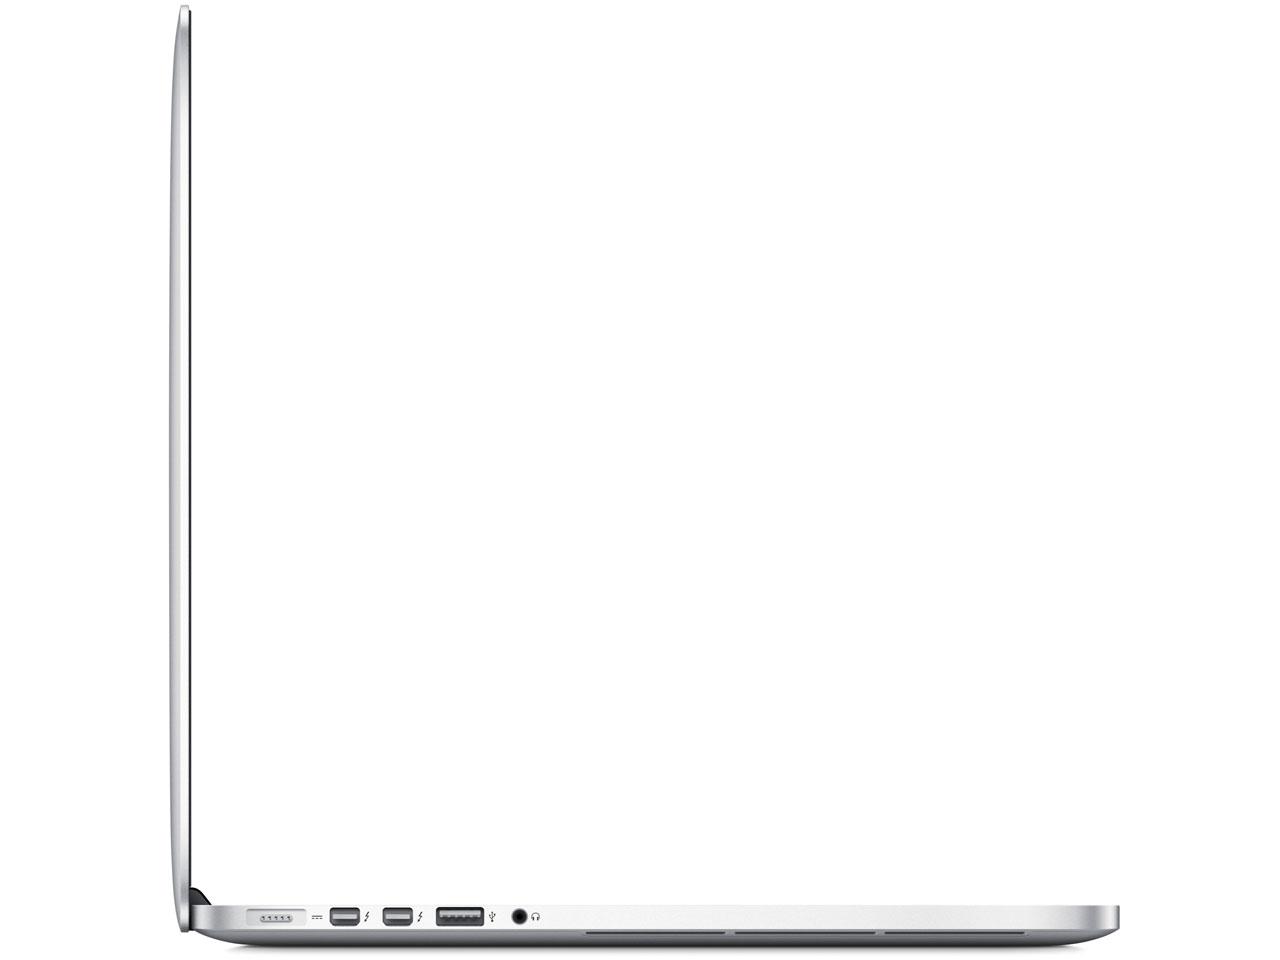 『本体 左側面』 MacBook Pro 2300/15 MC975J/A の製品画像